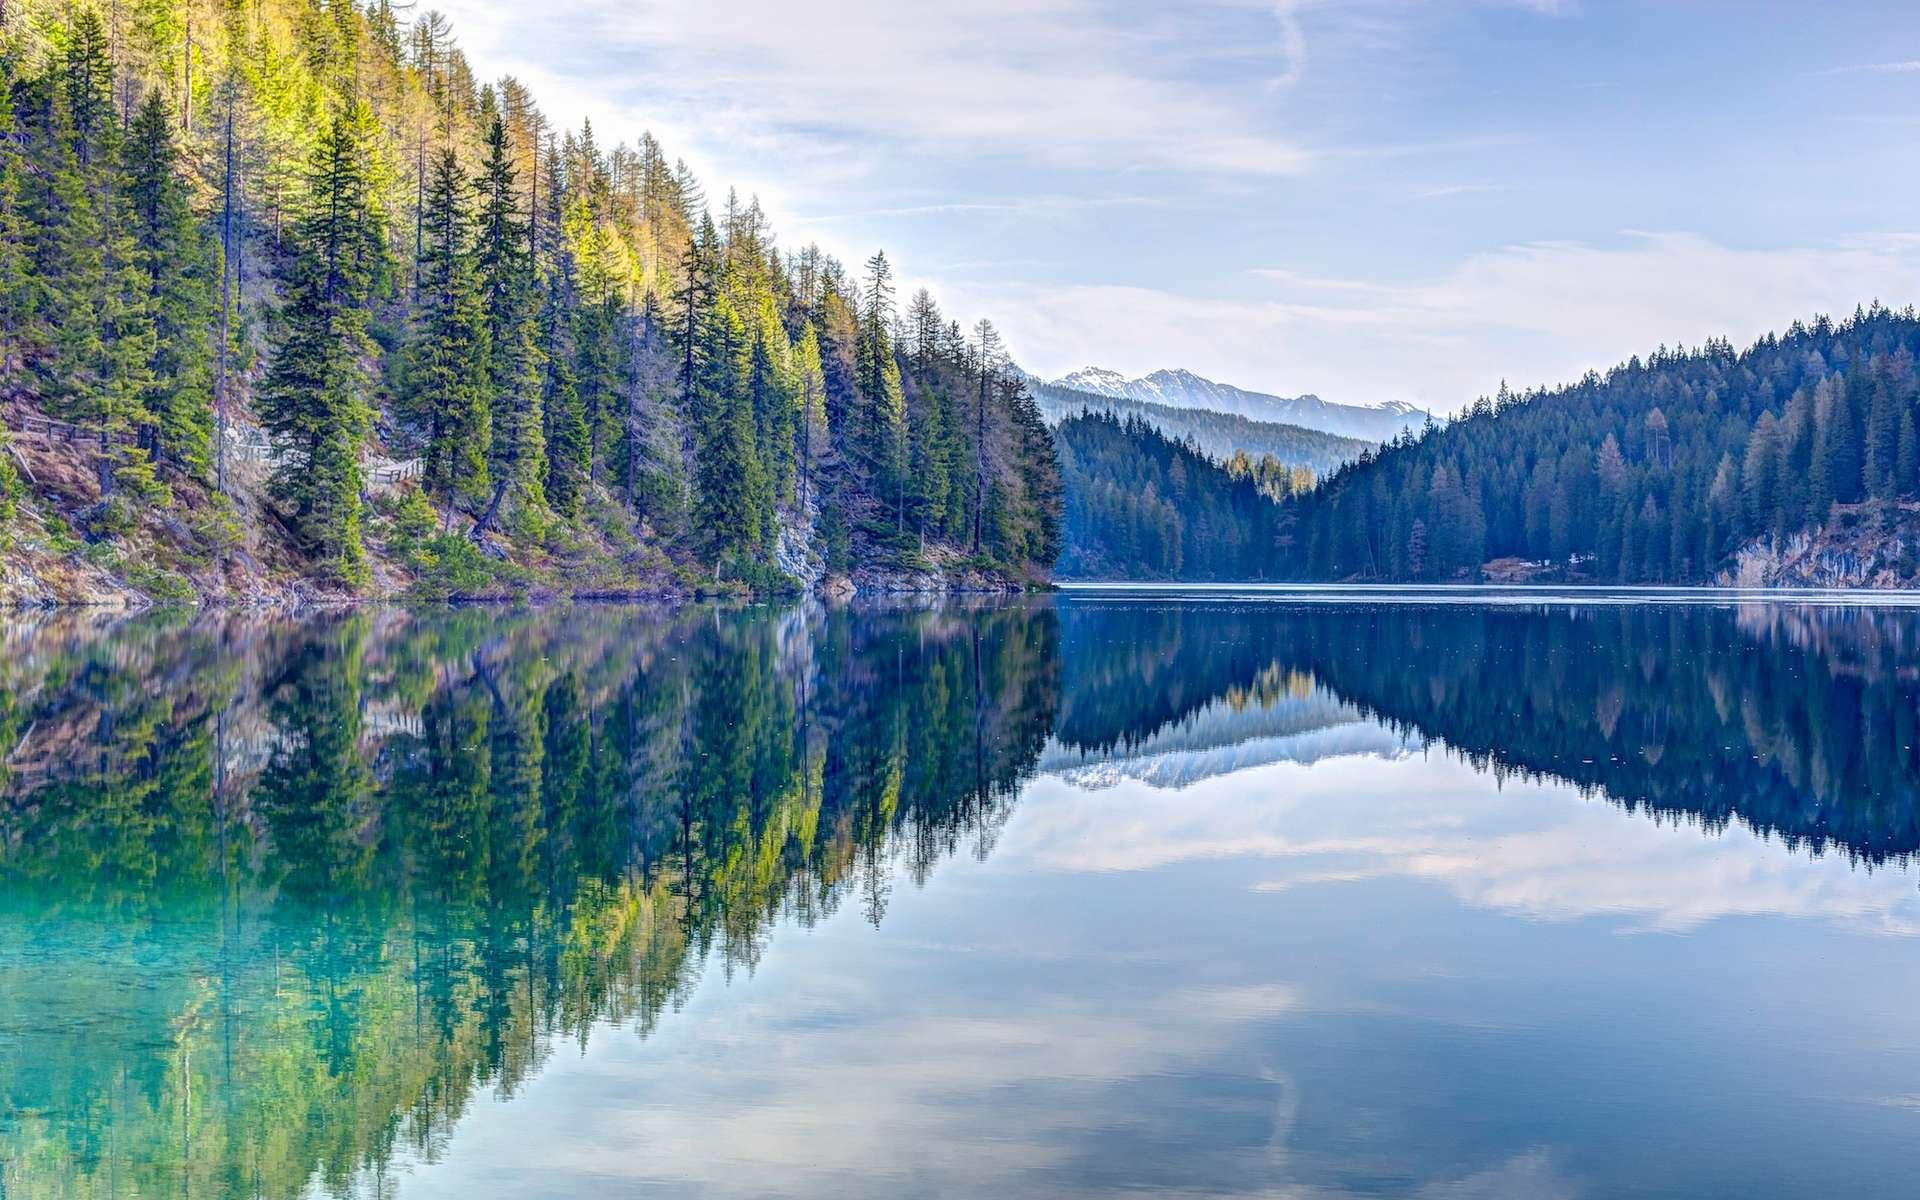 Où reste-il de la nature vraiment sauvage dans le monde ? © Eberhard Grossgasteiger, Unsplash